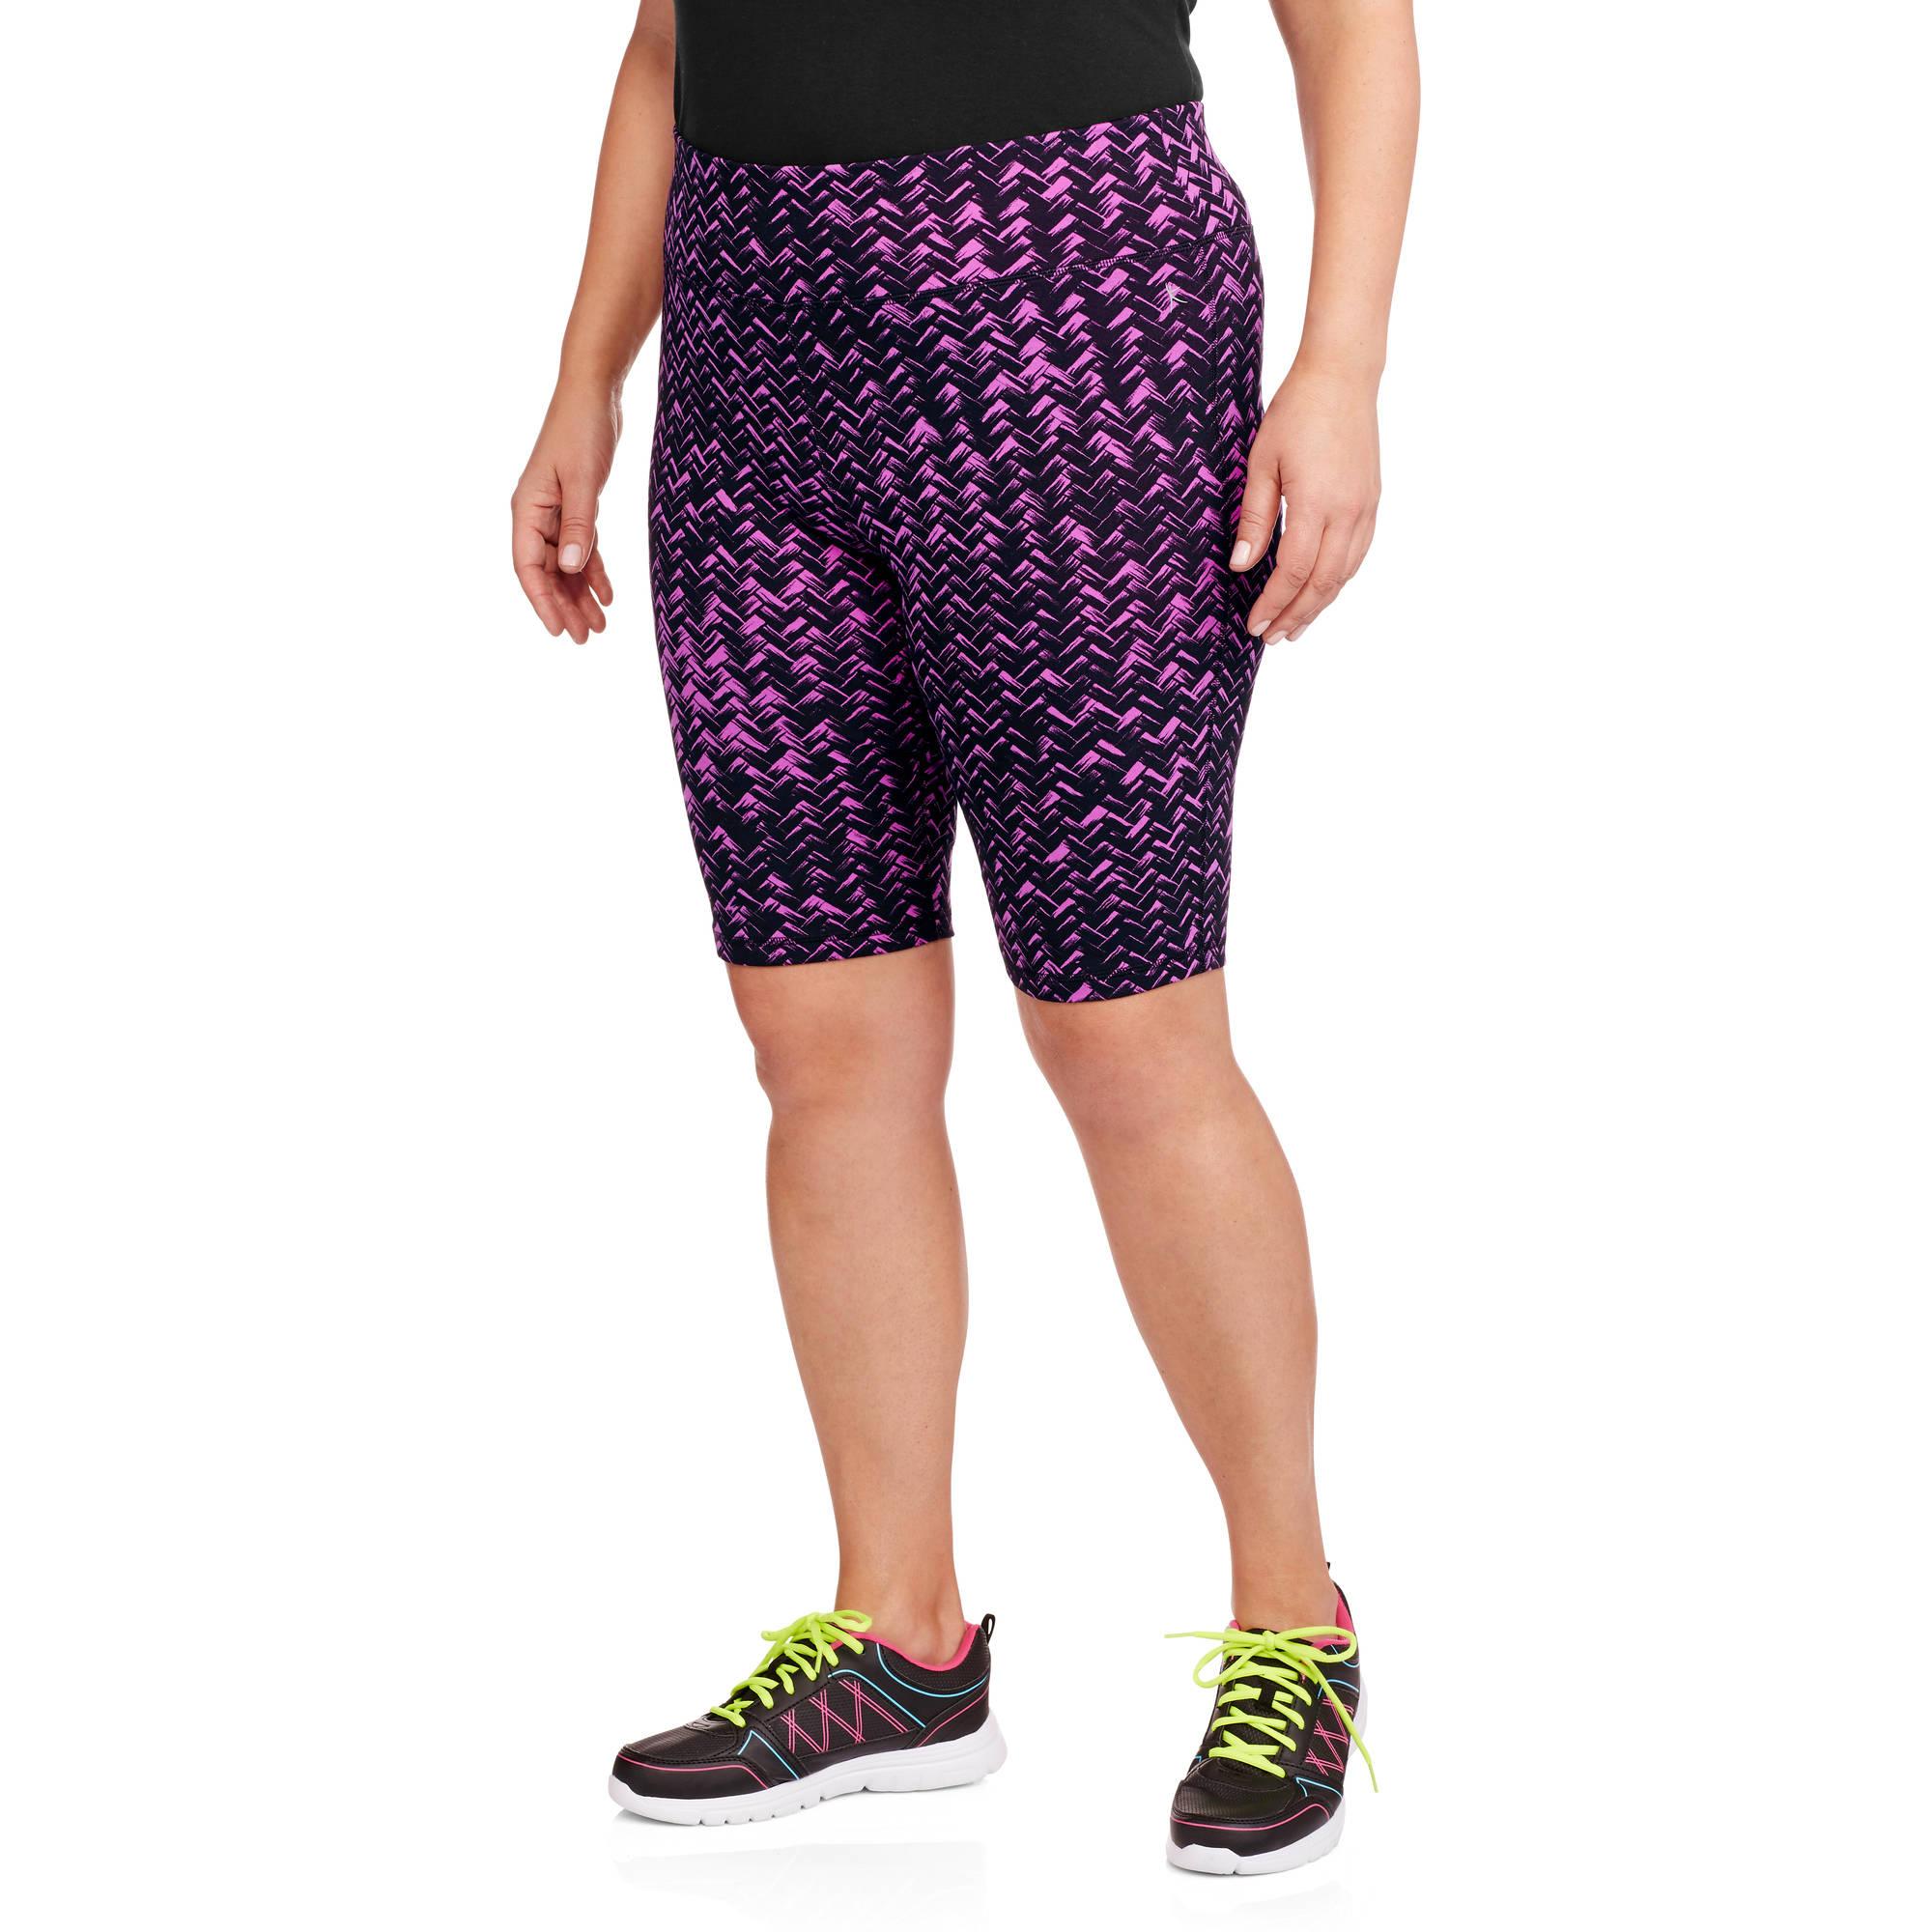 Danskin Now Women's Plus-sized Bike Short